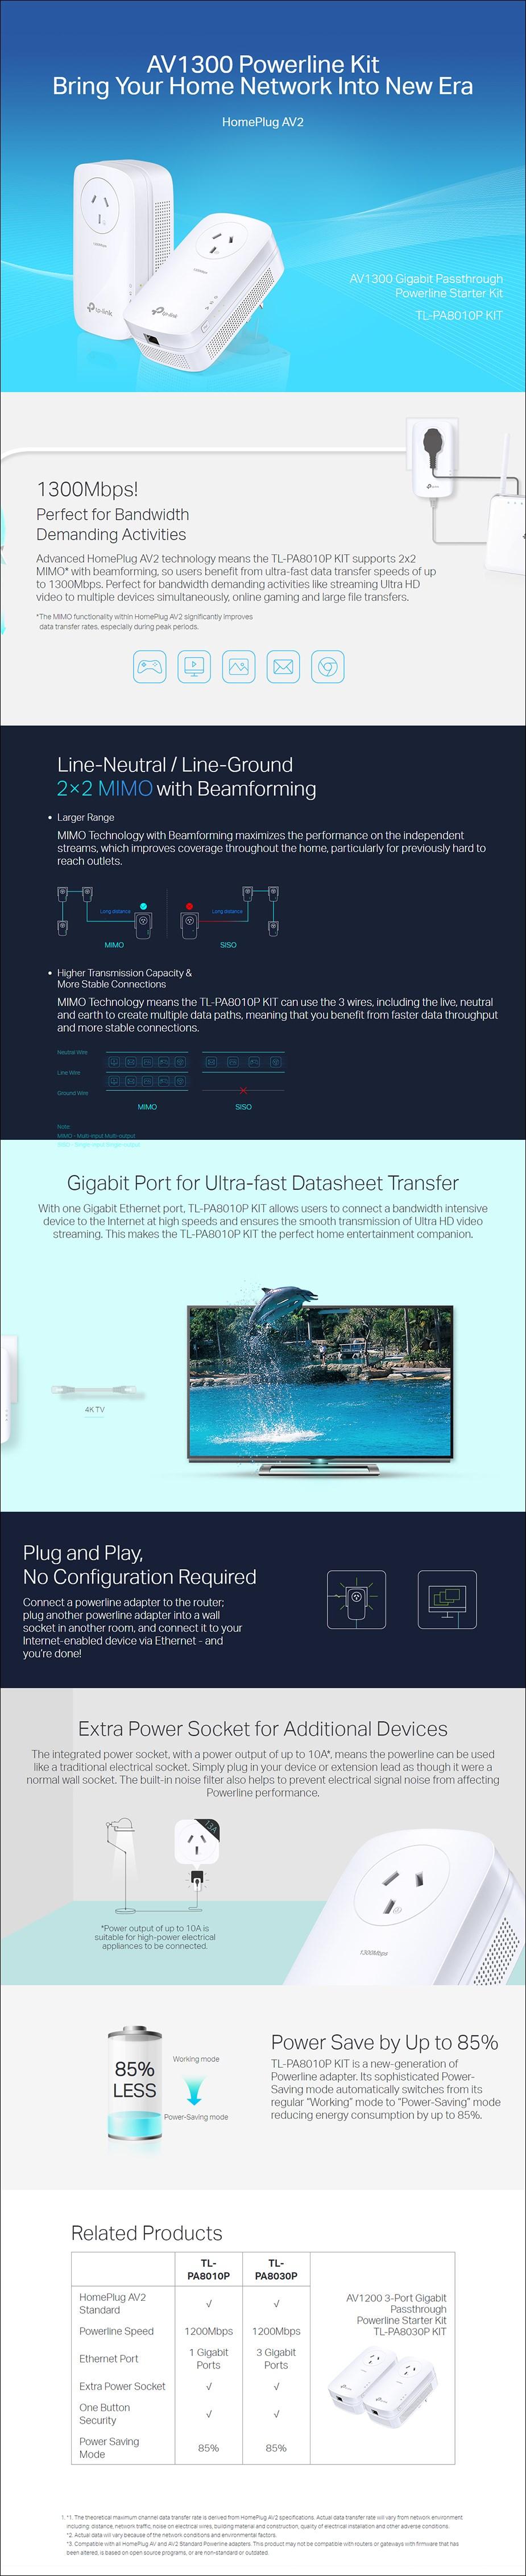 TP-Link TL-PA8010PKIT AV1200 Gigabit Passthrough Powerline Starter Kit - Overview 1